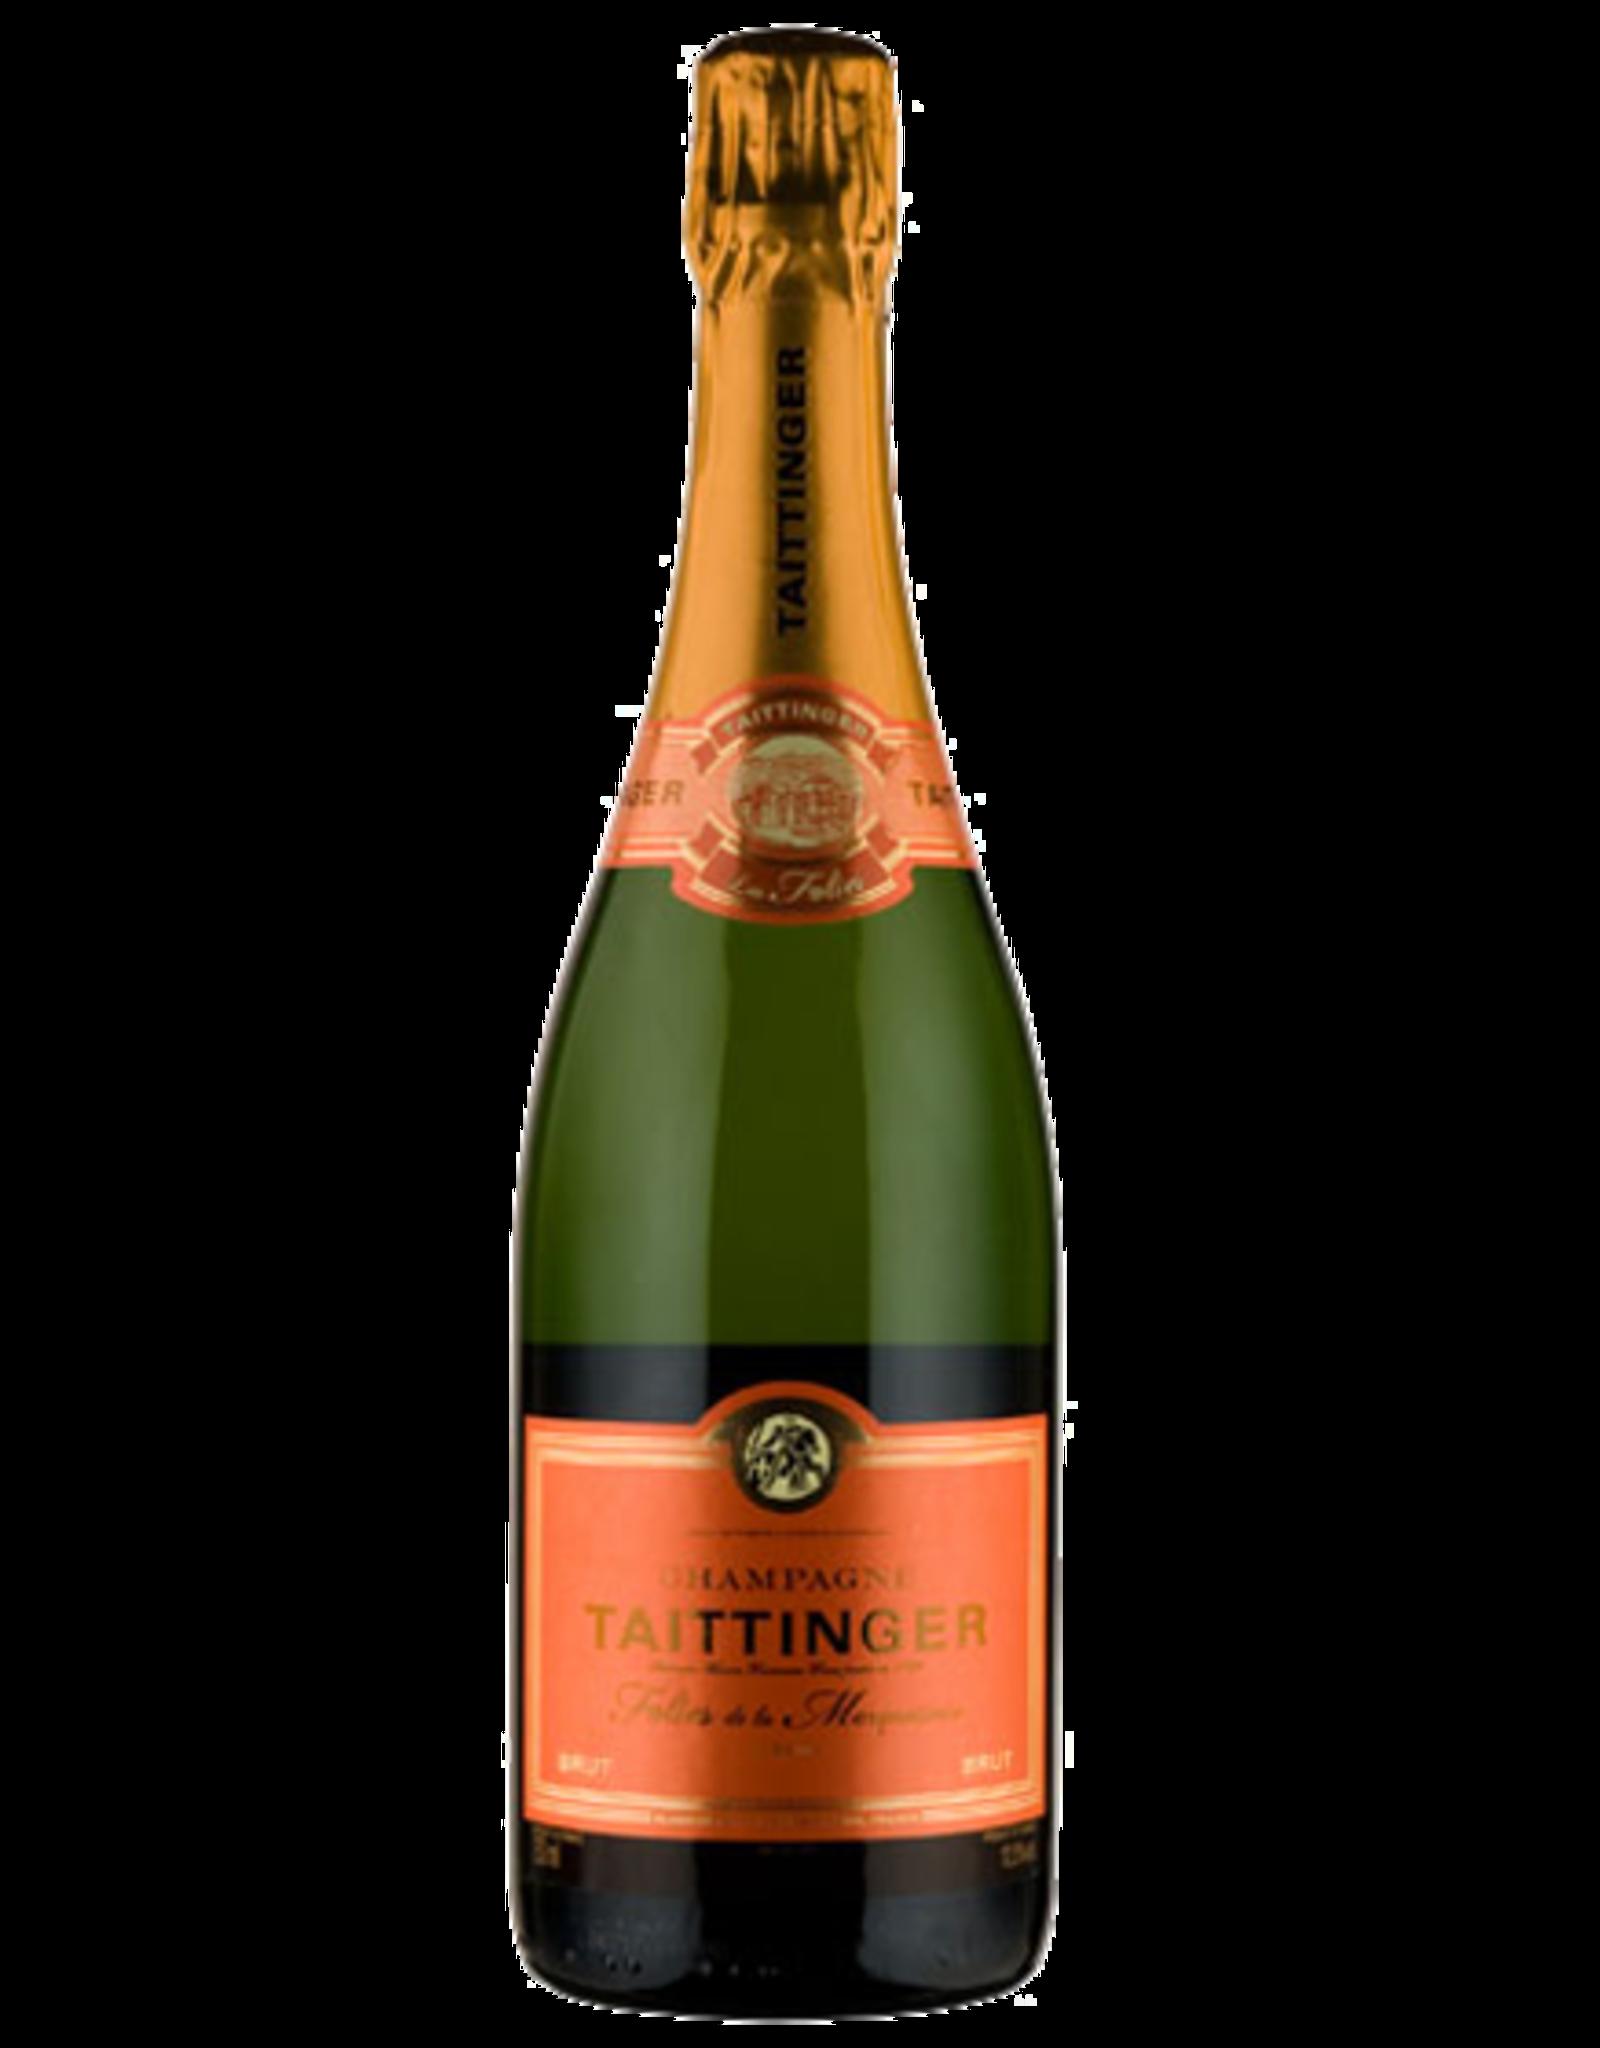 Taittinger Champagne Brut Les Folies de la Marquetterie